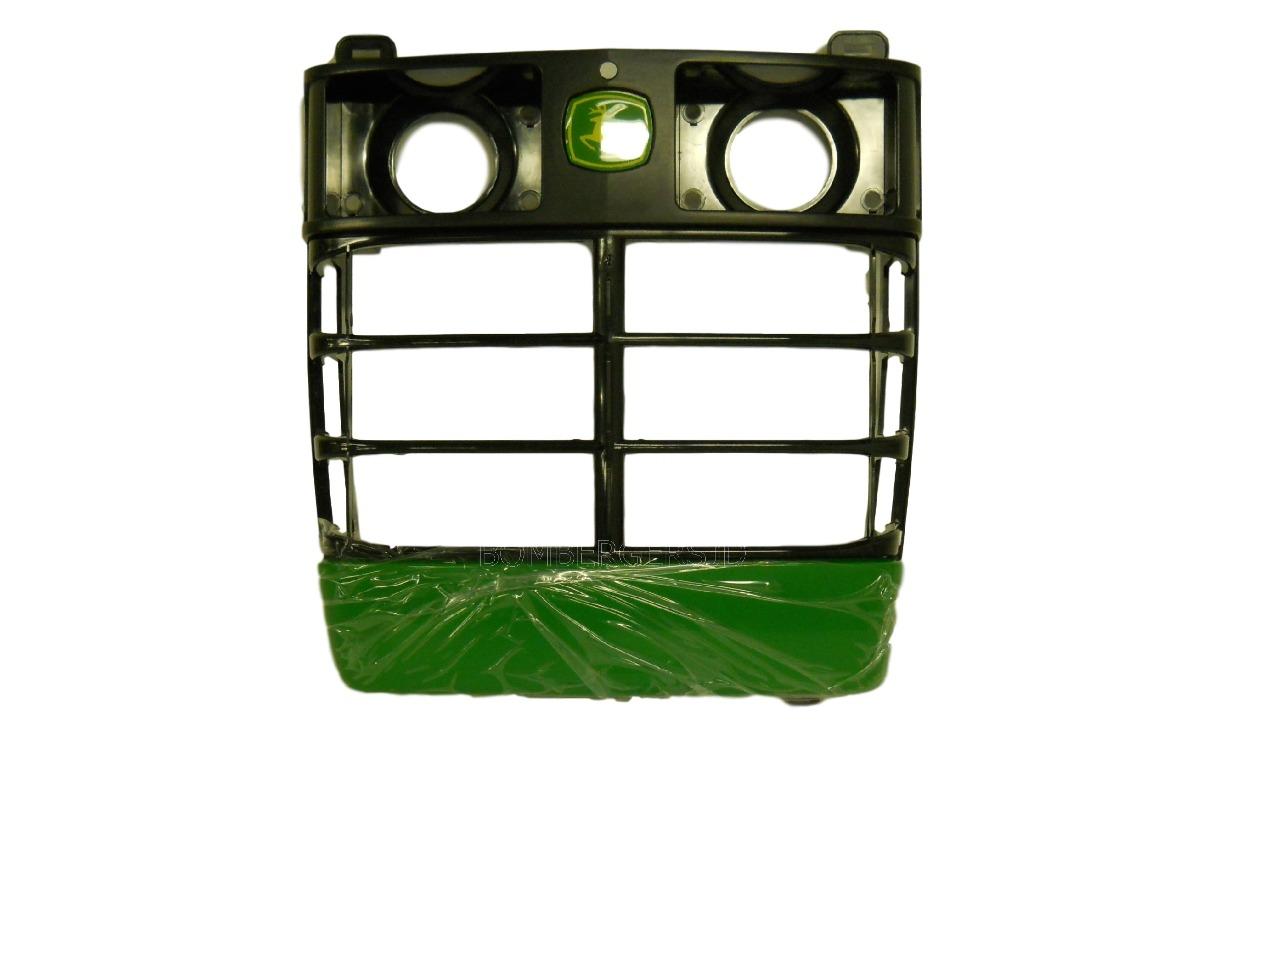 John Deere Tractor Grille LVA11379 4510 4610 4710 4200 4300 4400 4500 4600 4310 | eBay